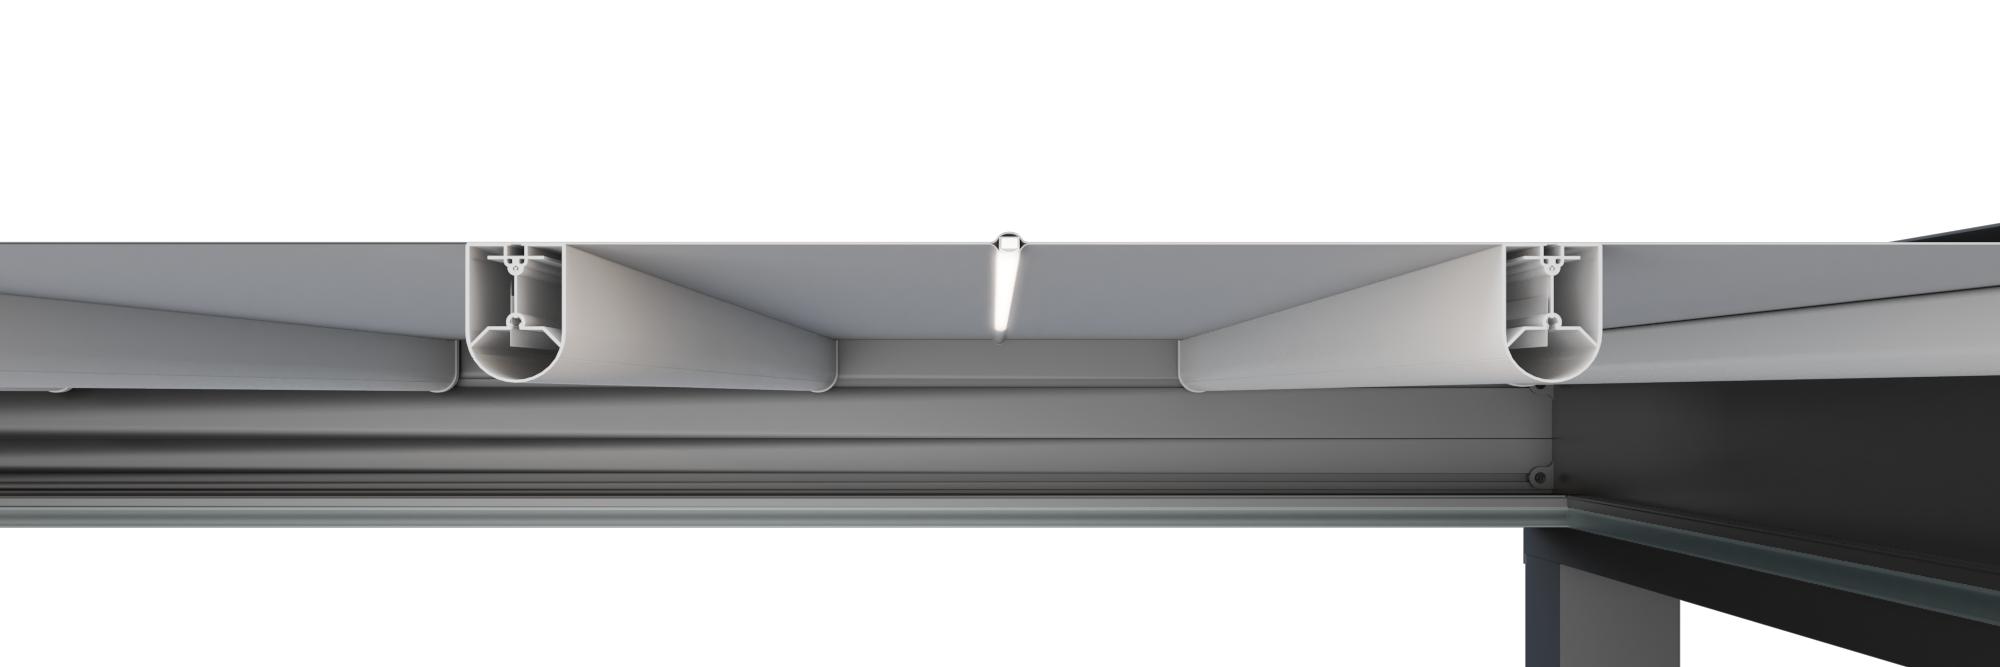 Sunpro - Verlichting in doek